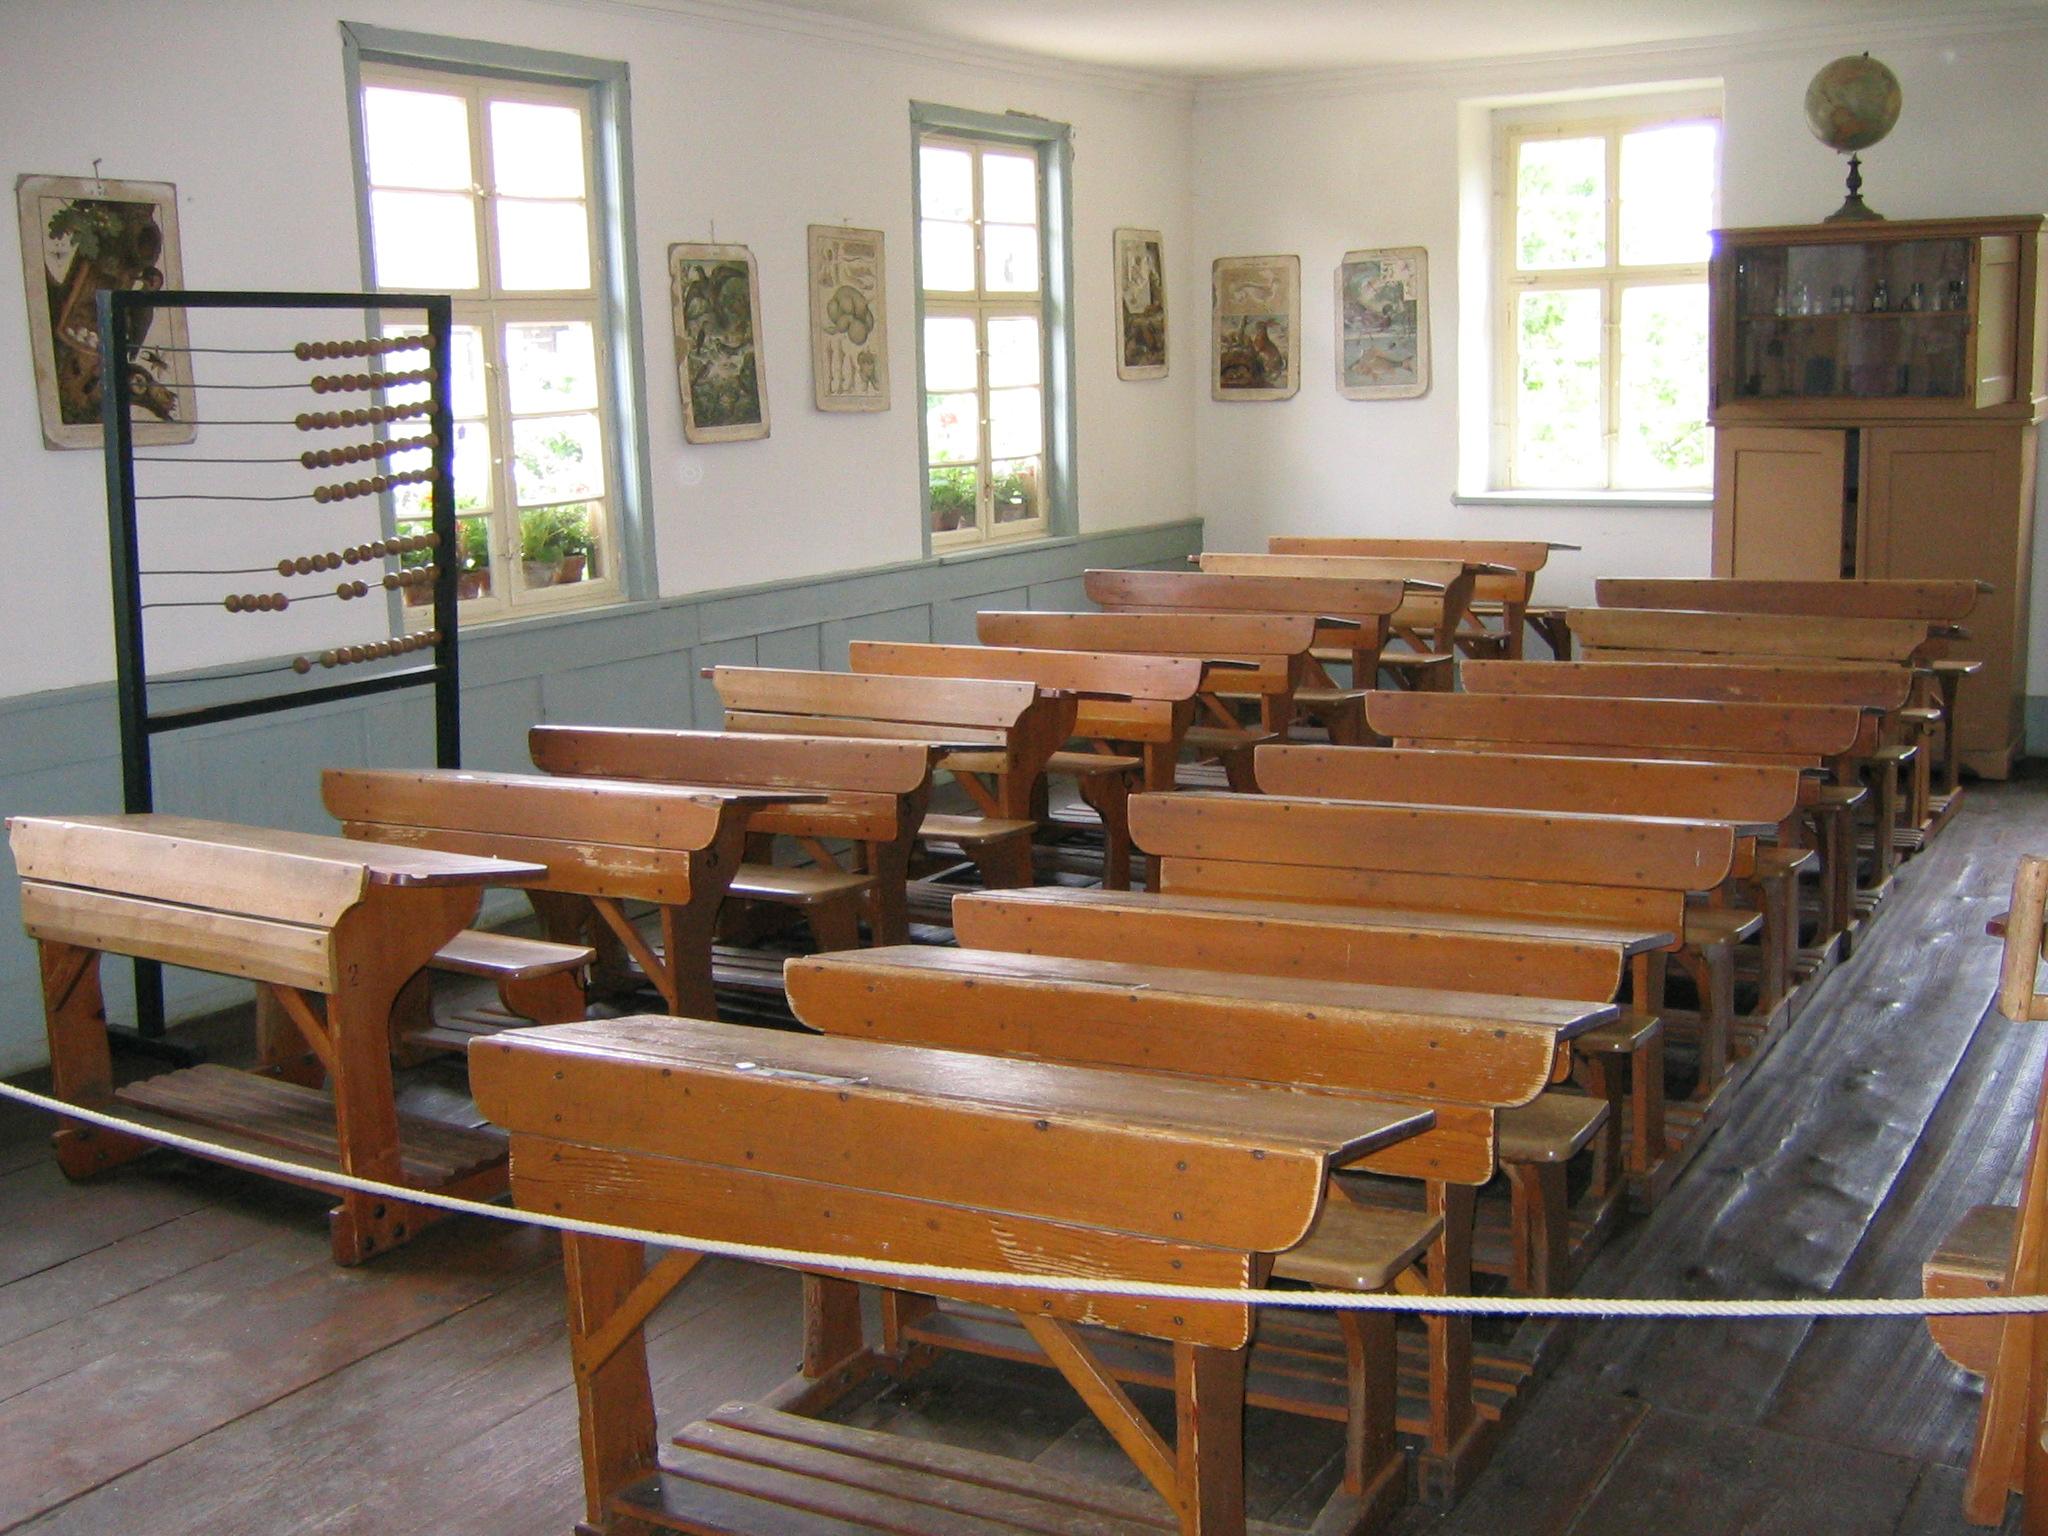 Classroom Managment anno dazumal - Ordnung durch die Struktur im Klassenraum